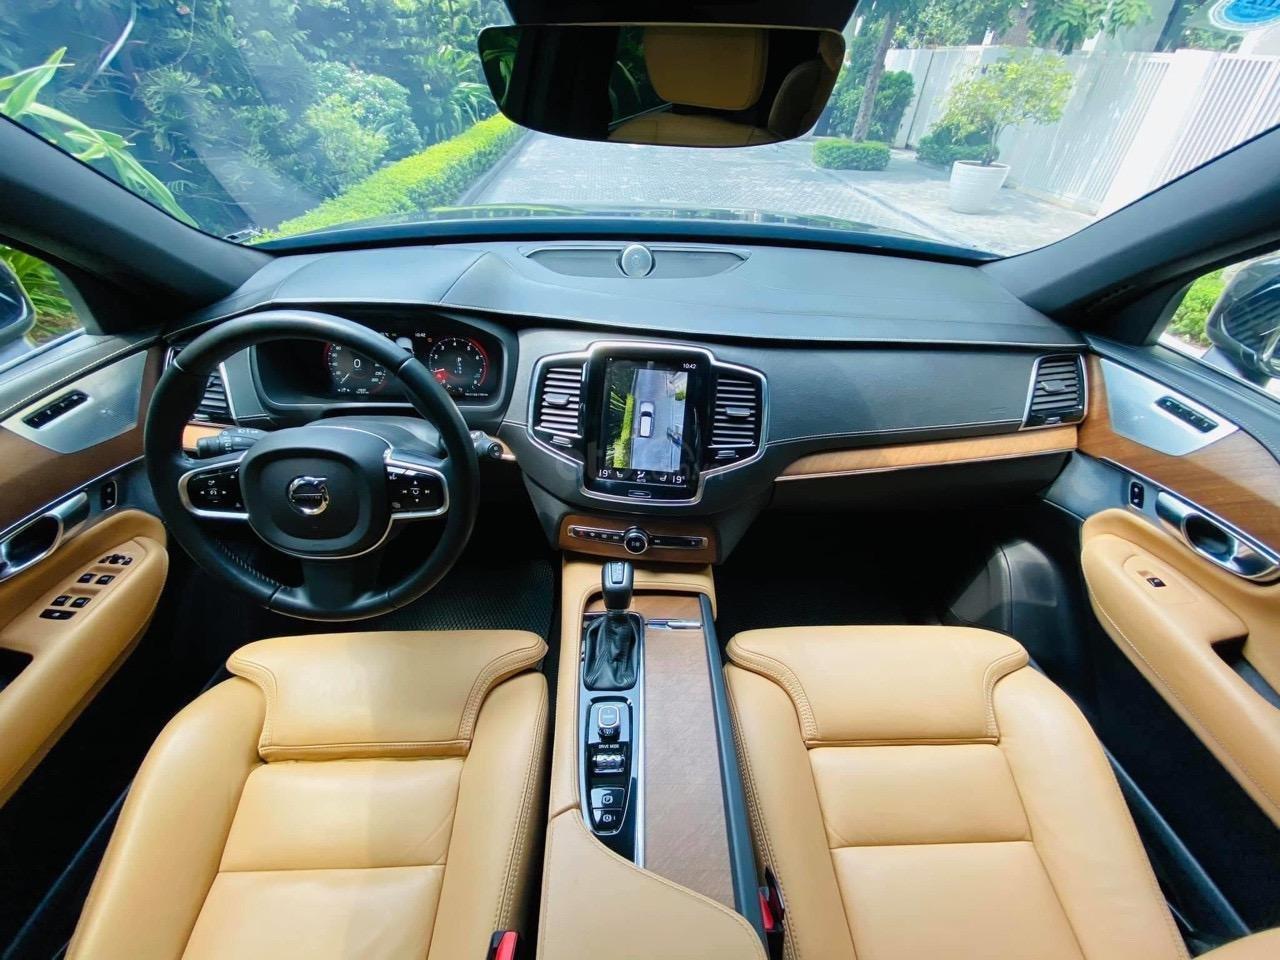 Bán ô tô Volvo XC90 2017 nhập khẩu Thuỵ Điển (8)